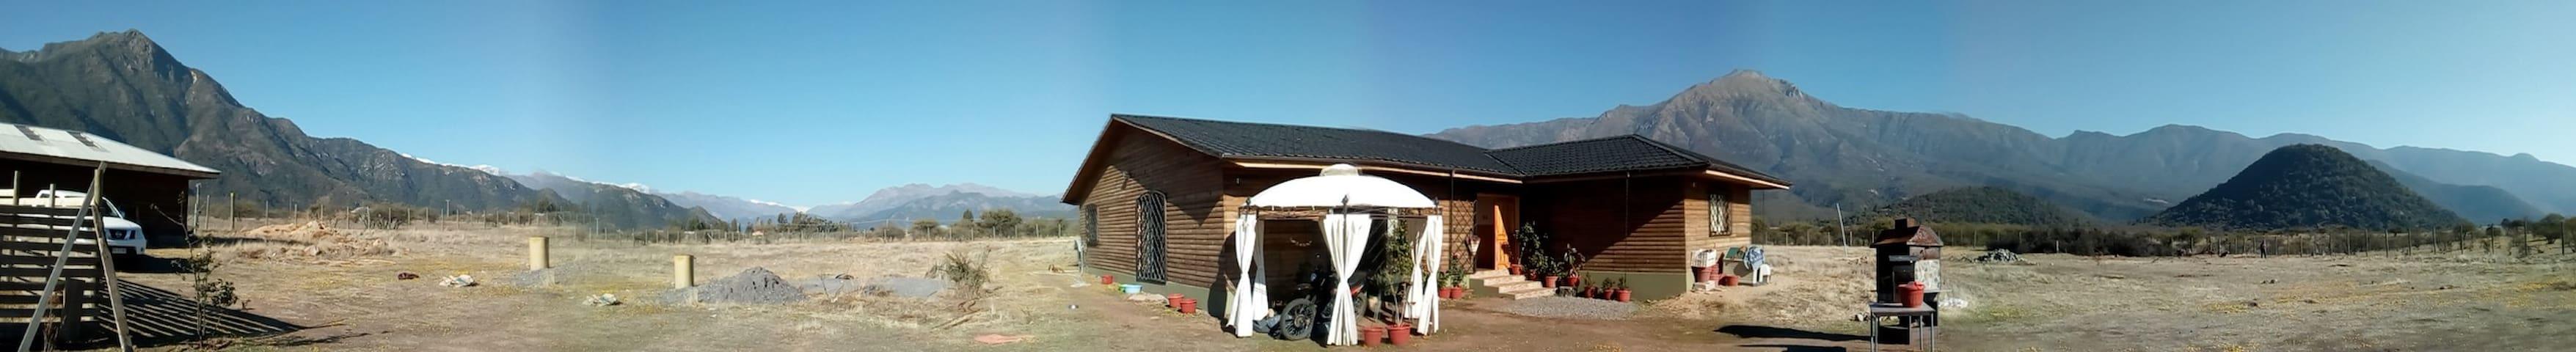 ENTRE AMIGOS, CABAÑA DE CAMPO Y DESCANSO - San Fernando - Huis